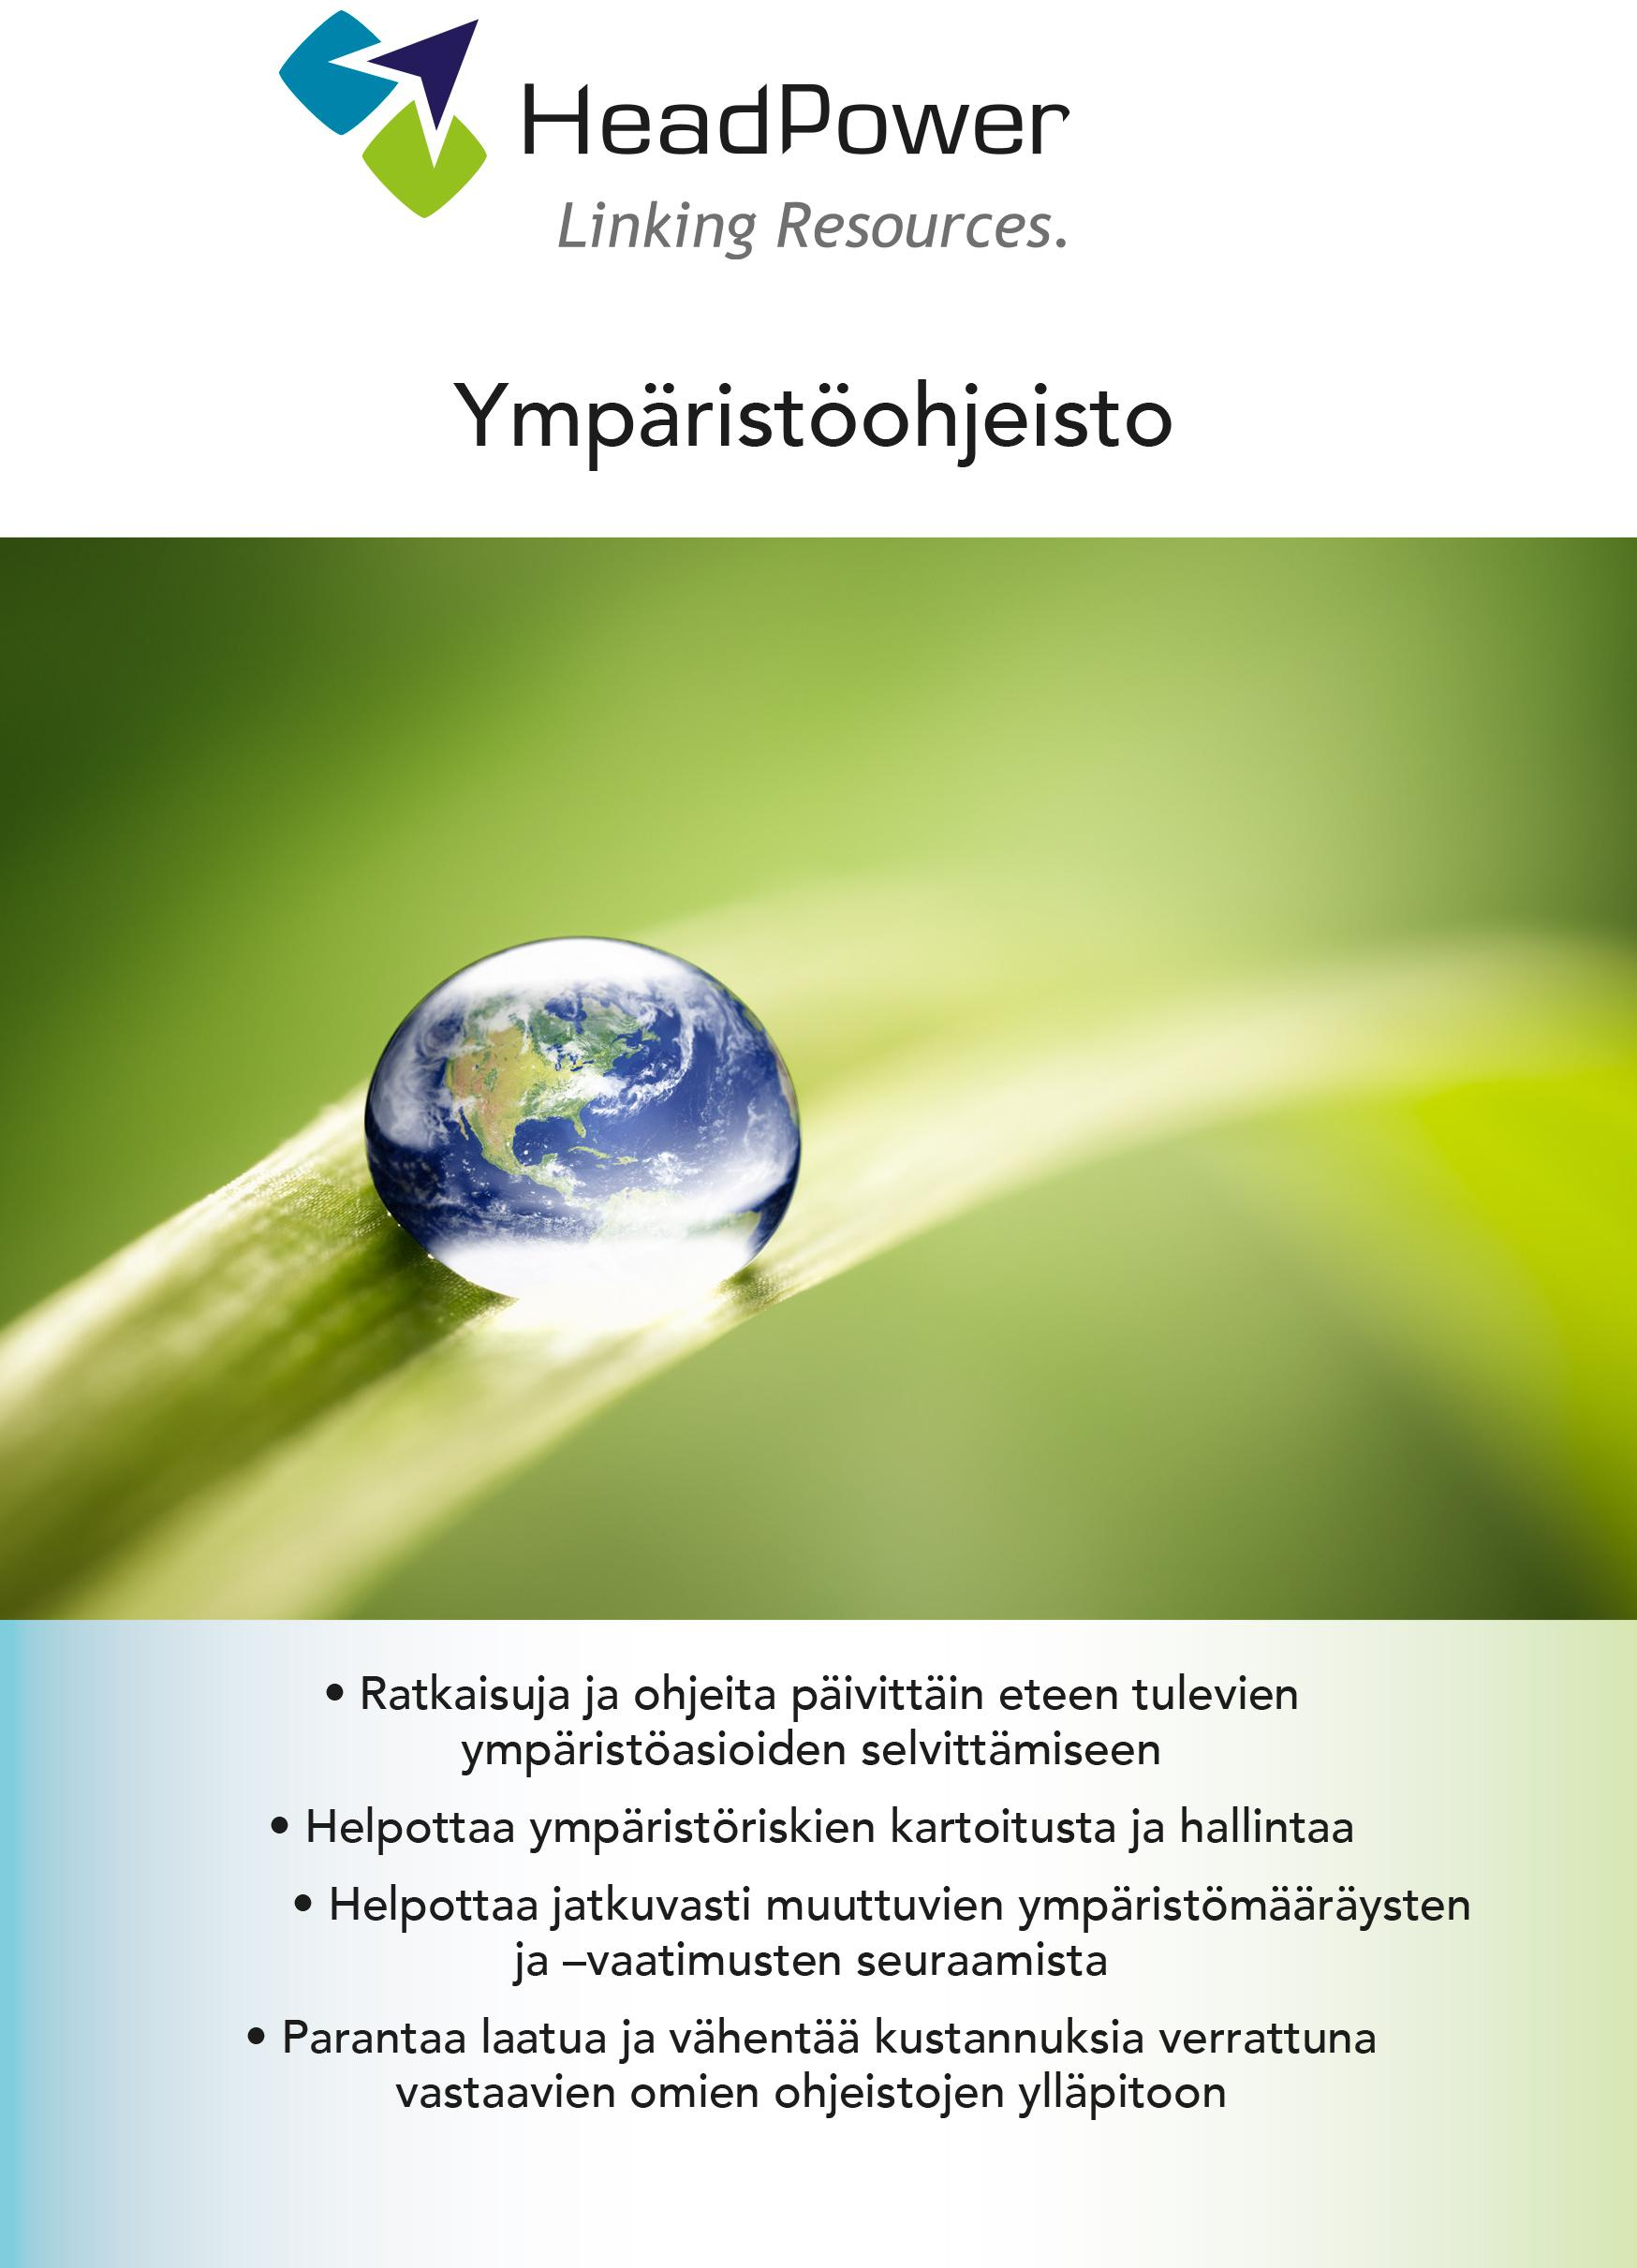 Ympäristöohjeisto -esite